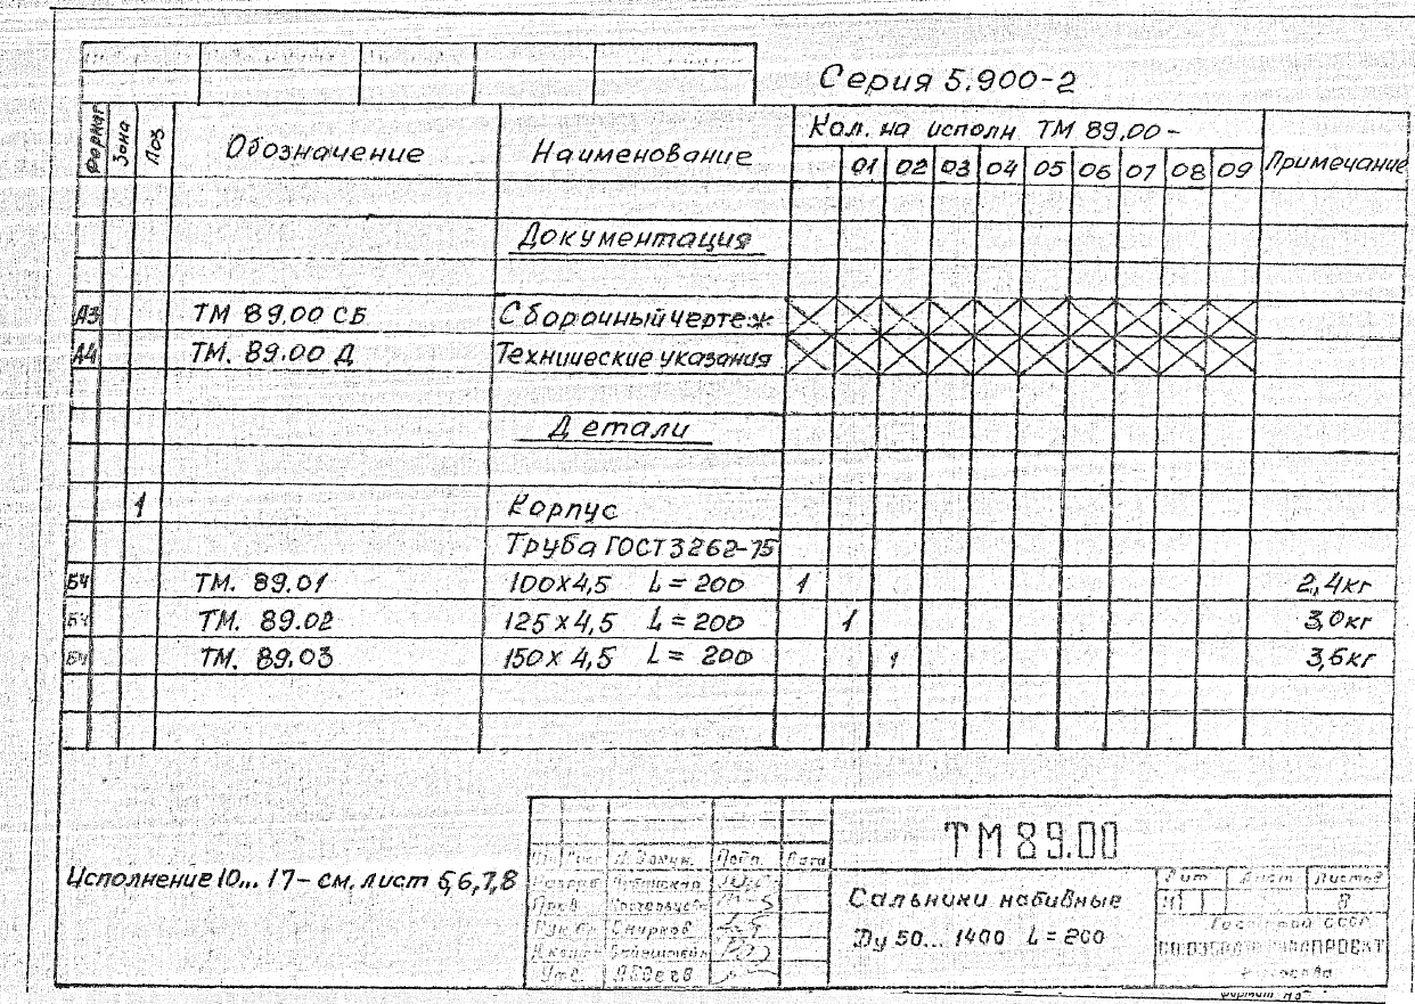 Сальники набивные ТМ.89.00 серия 5.900-2 стр.2